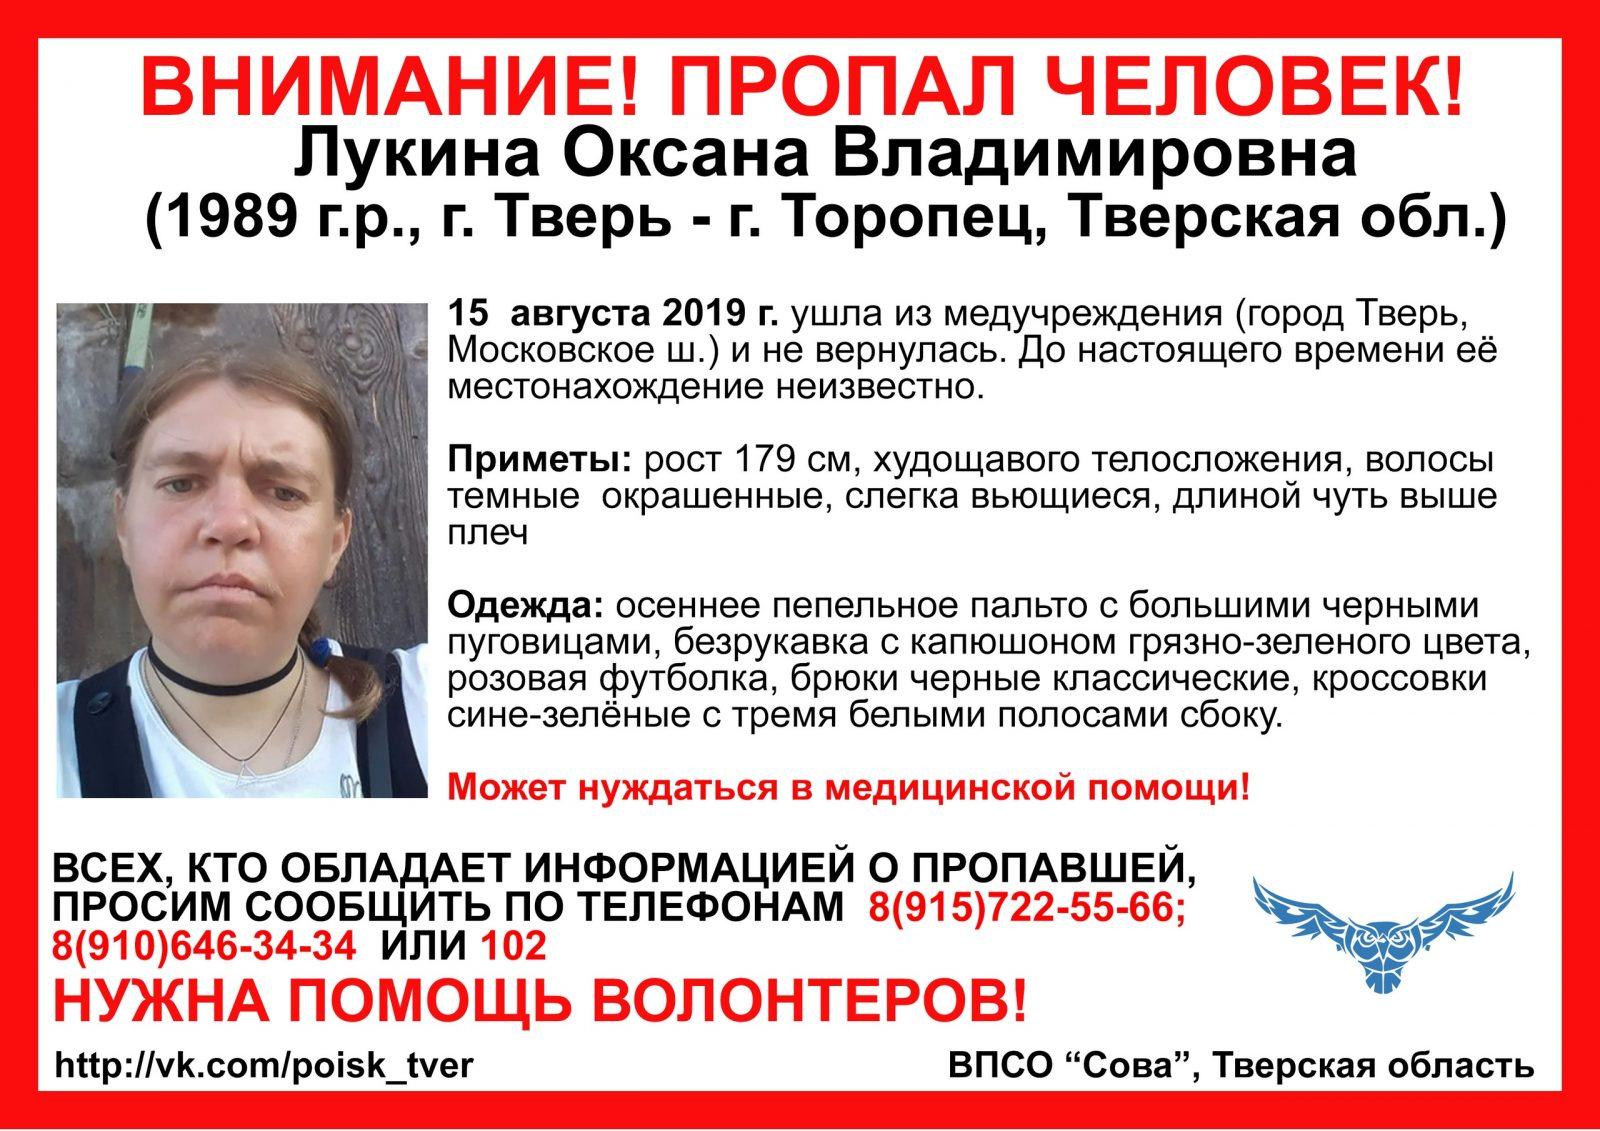 Пропала Лукина Оксана Владимировна (1989 г.р.)